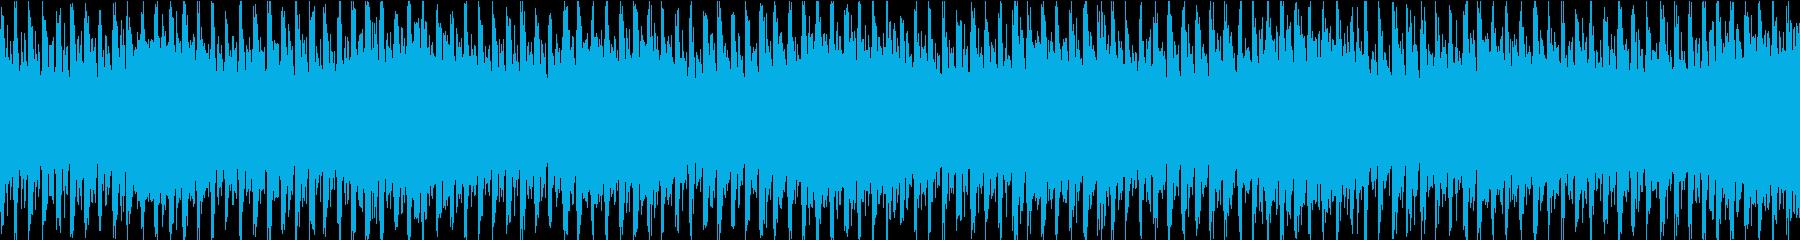 格闘ゲームのキャラクター選択の曲の再生済みの波形